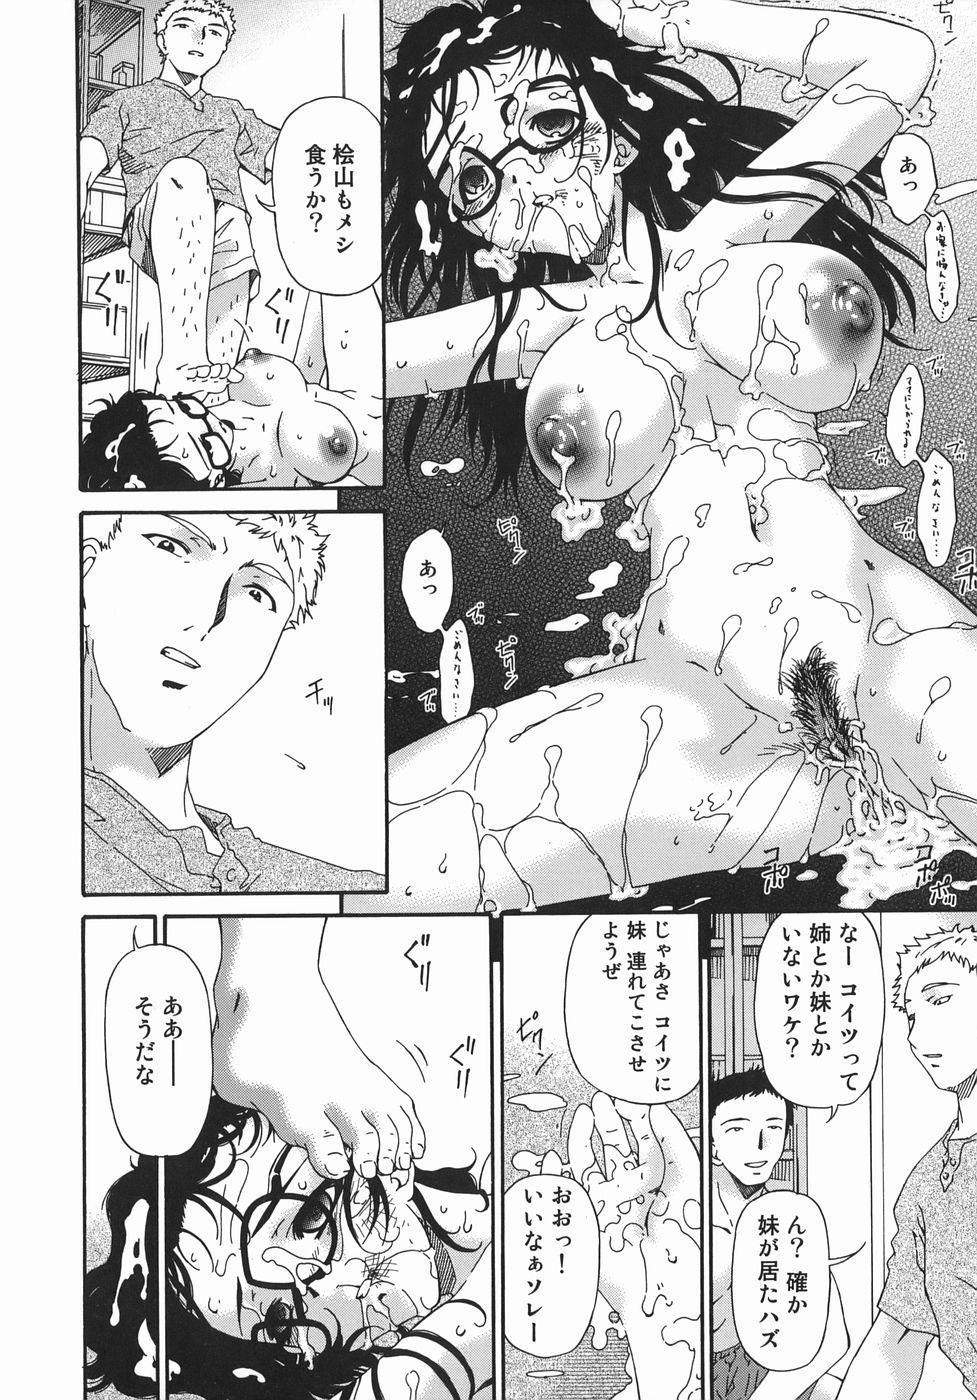 Hensachi ZERO kara no Seiteki Kyouiku 83